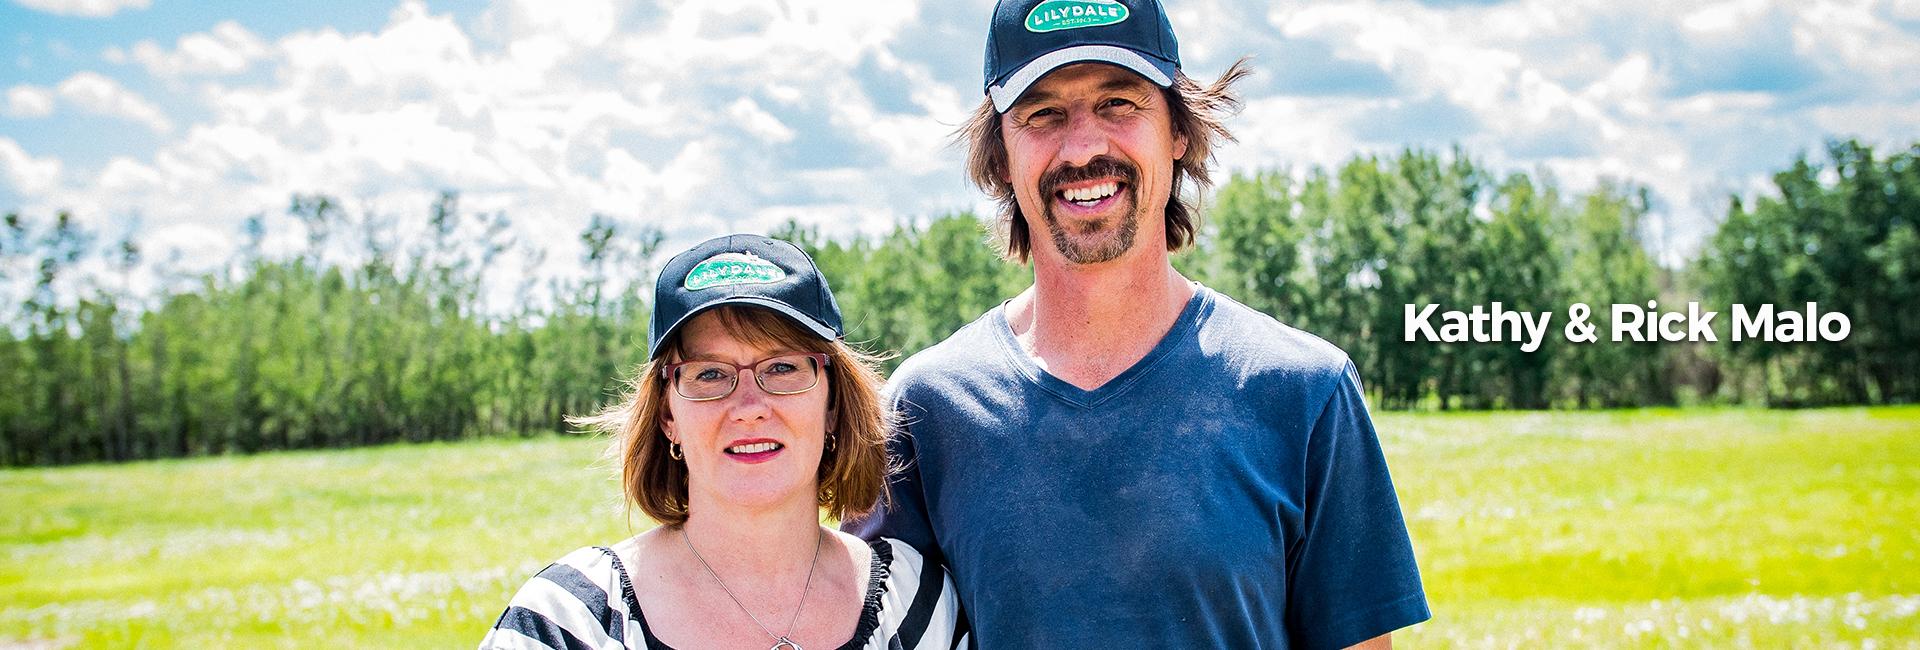 Kathy and Rick Malo